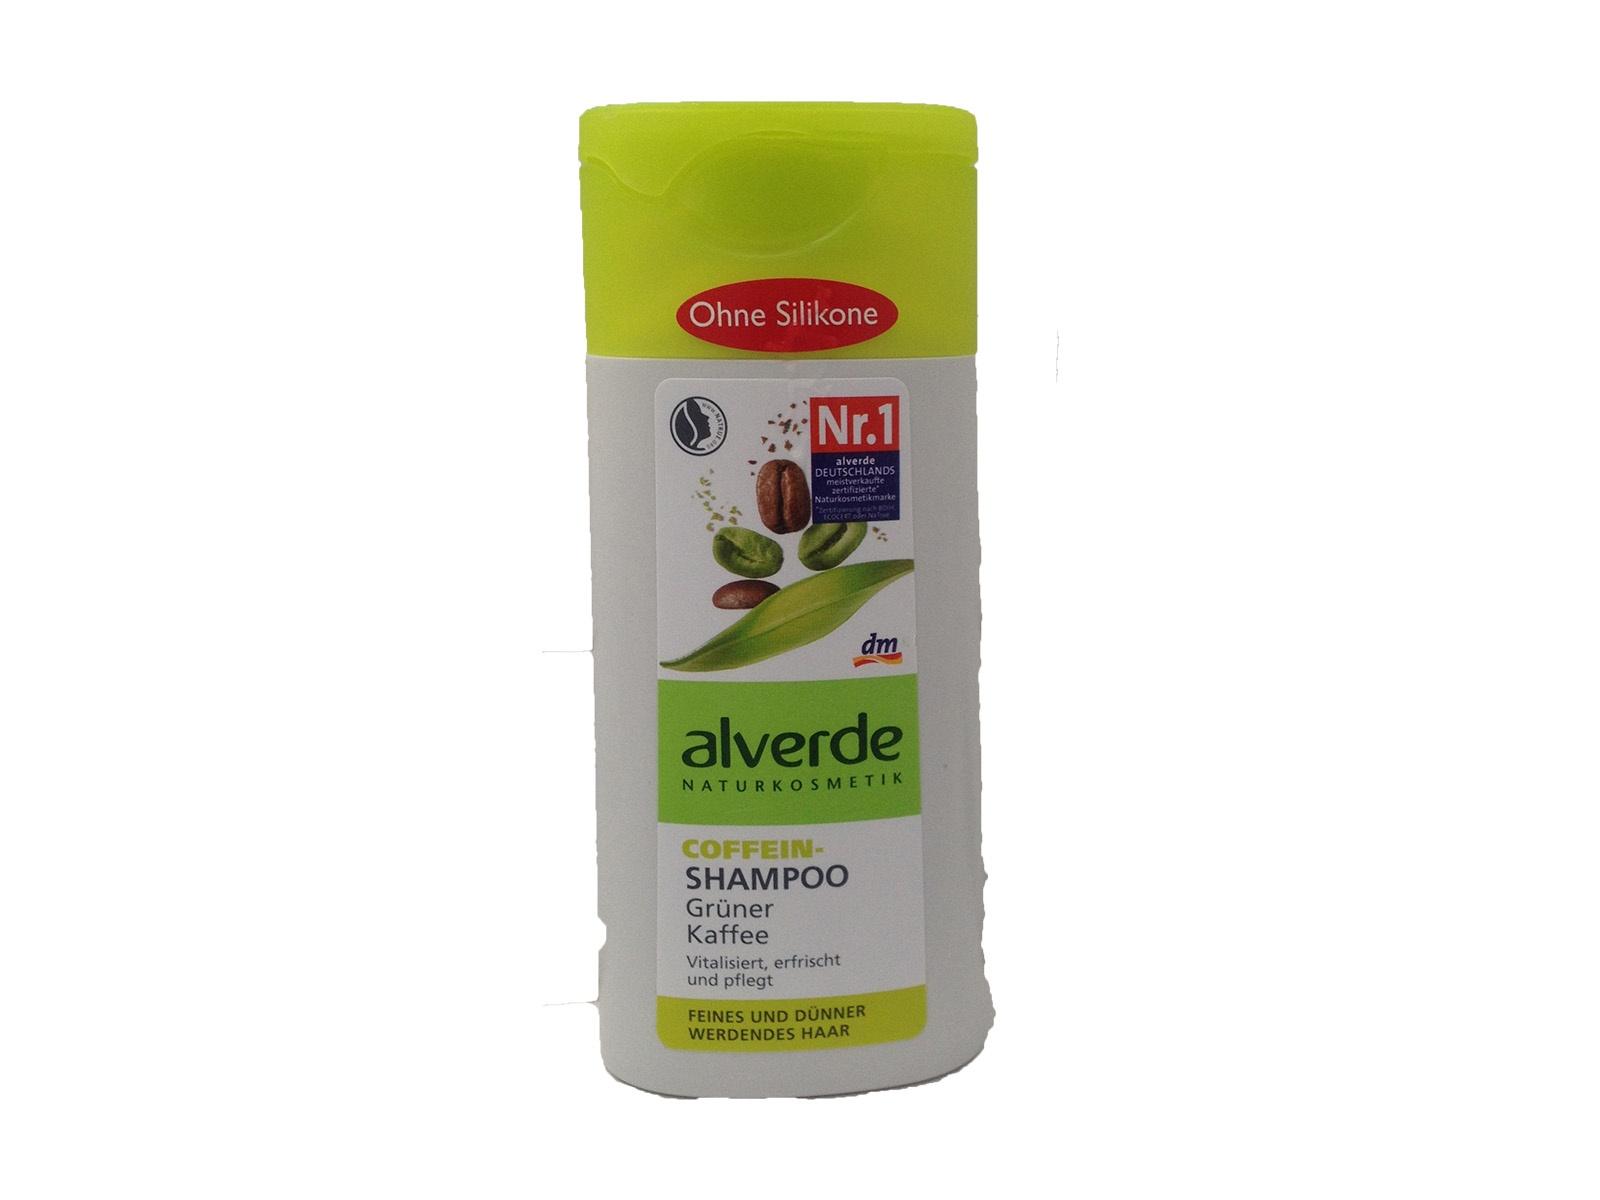 dm alverde shampoo